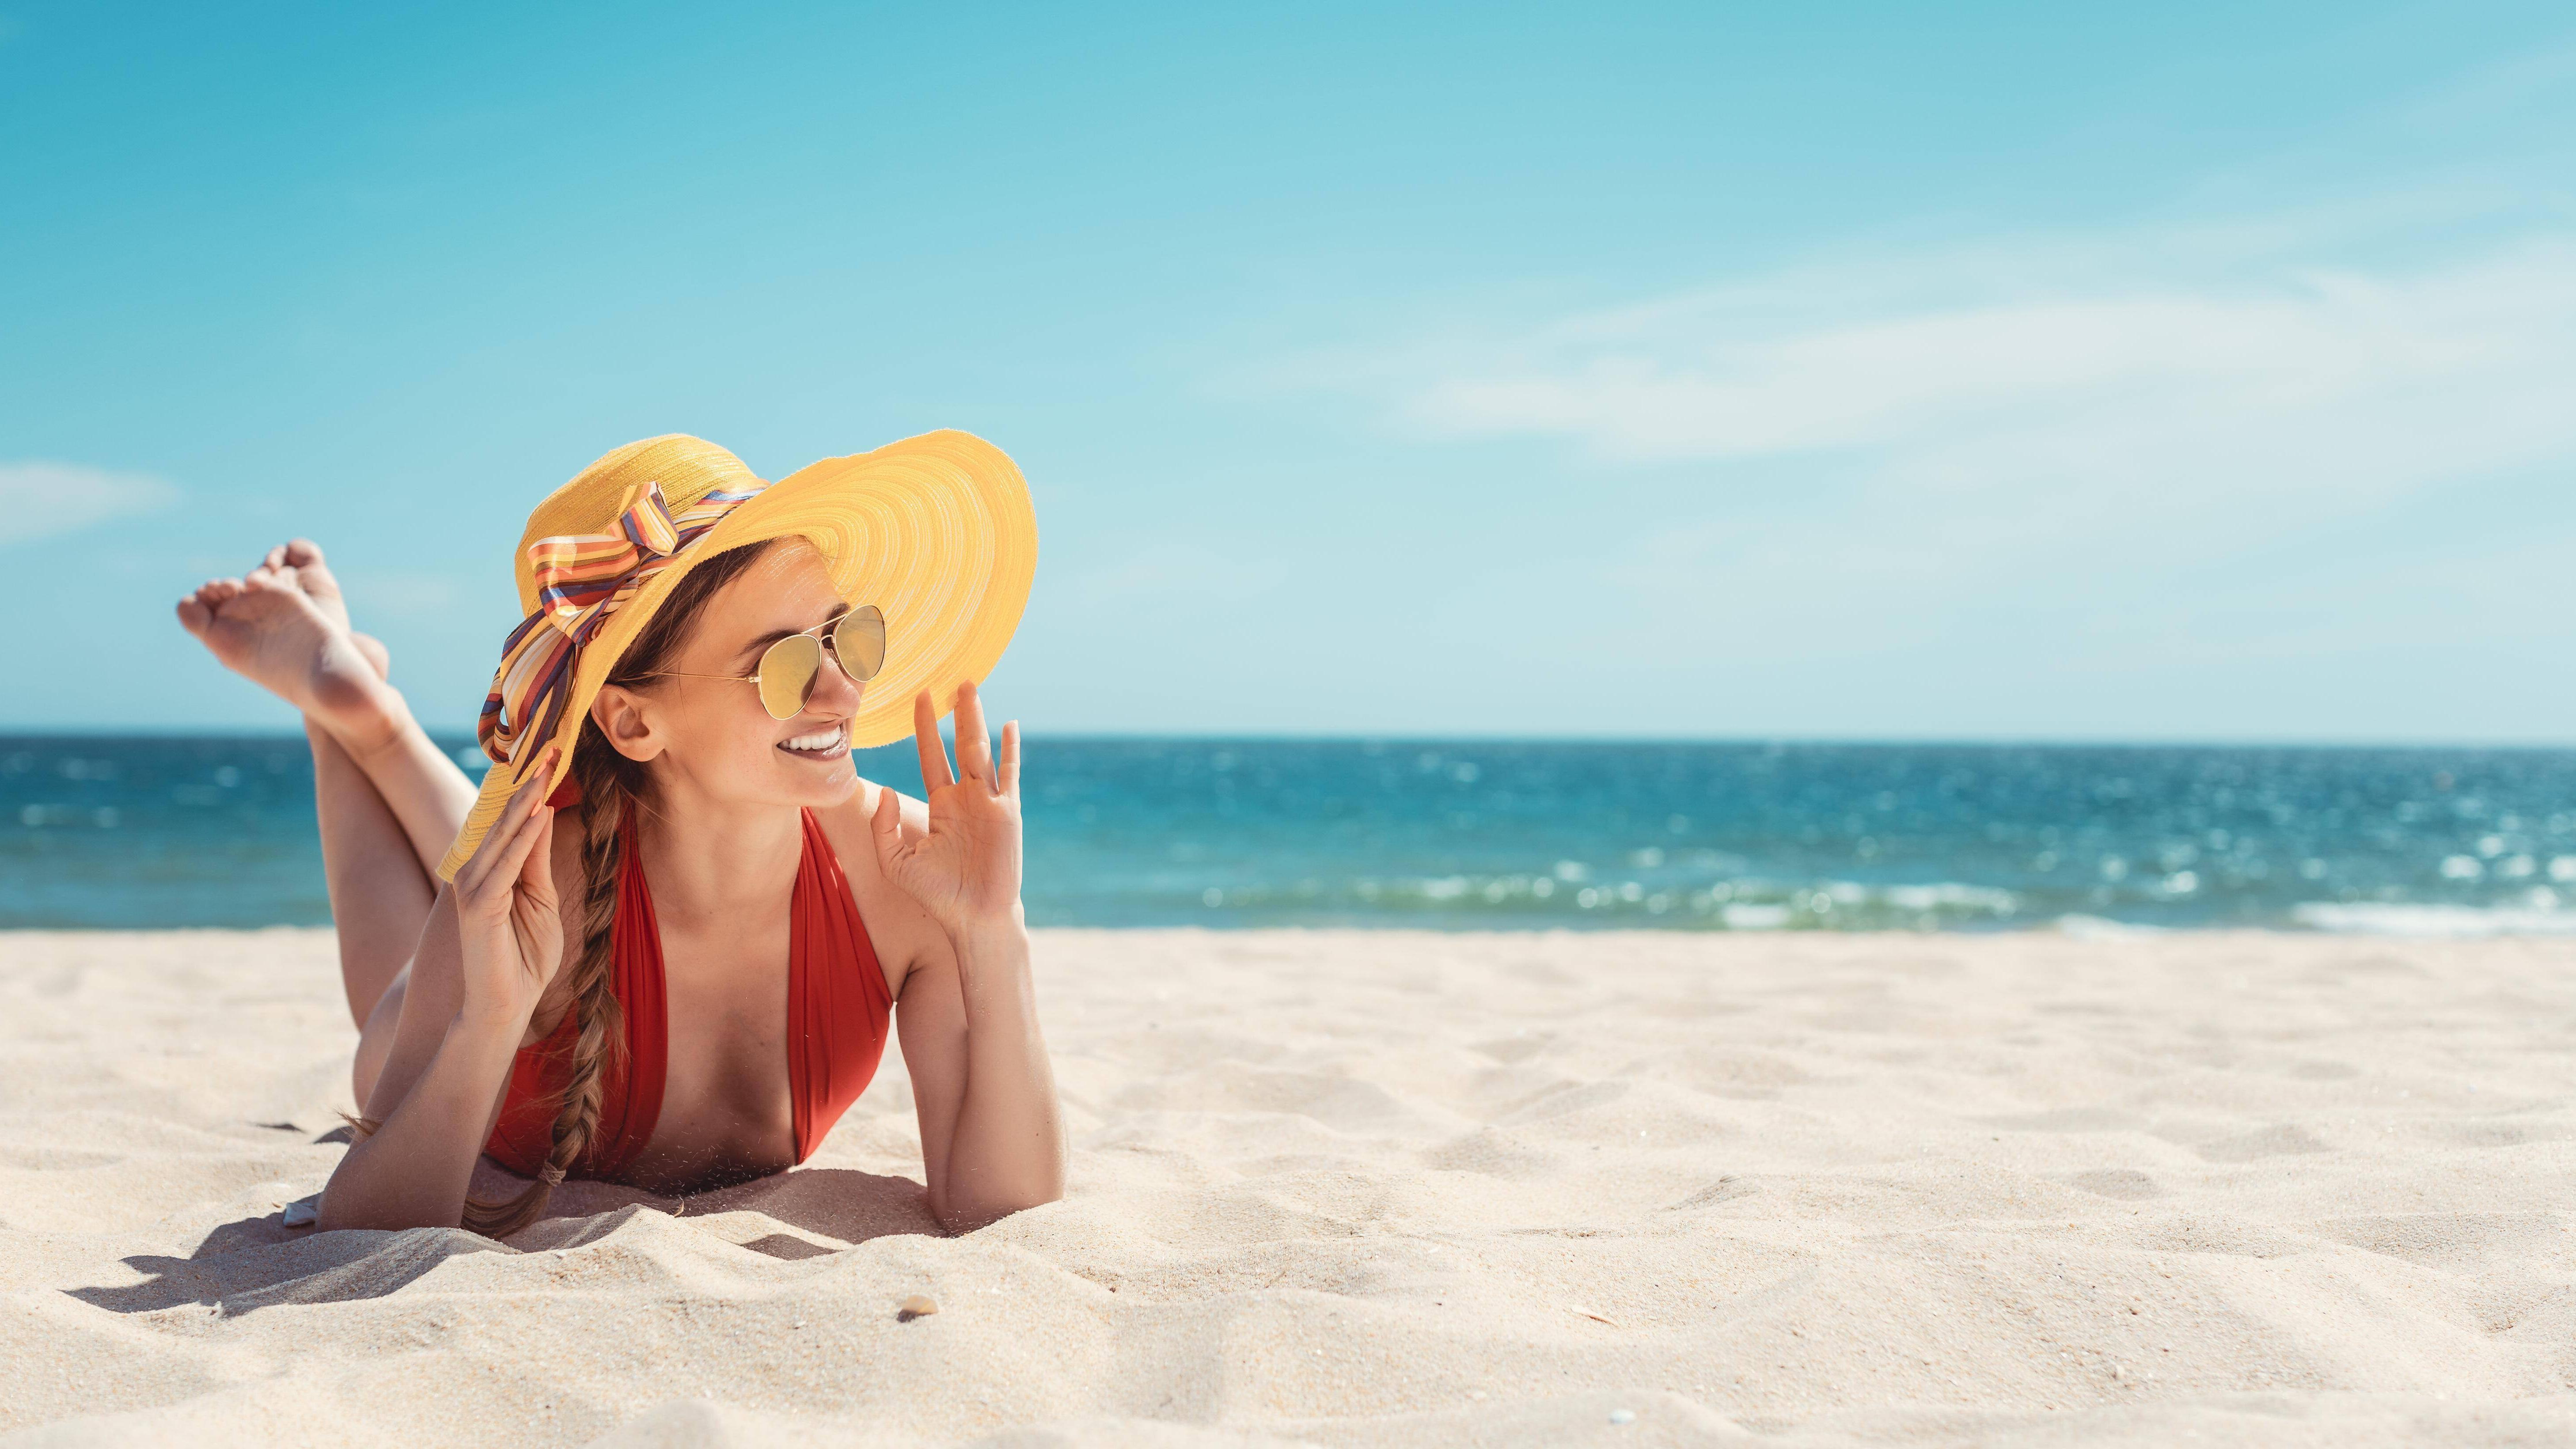 Am und im Wasser wird man schneller braun, weil das Wasser die Sonnenstrahlen reflektiert.